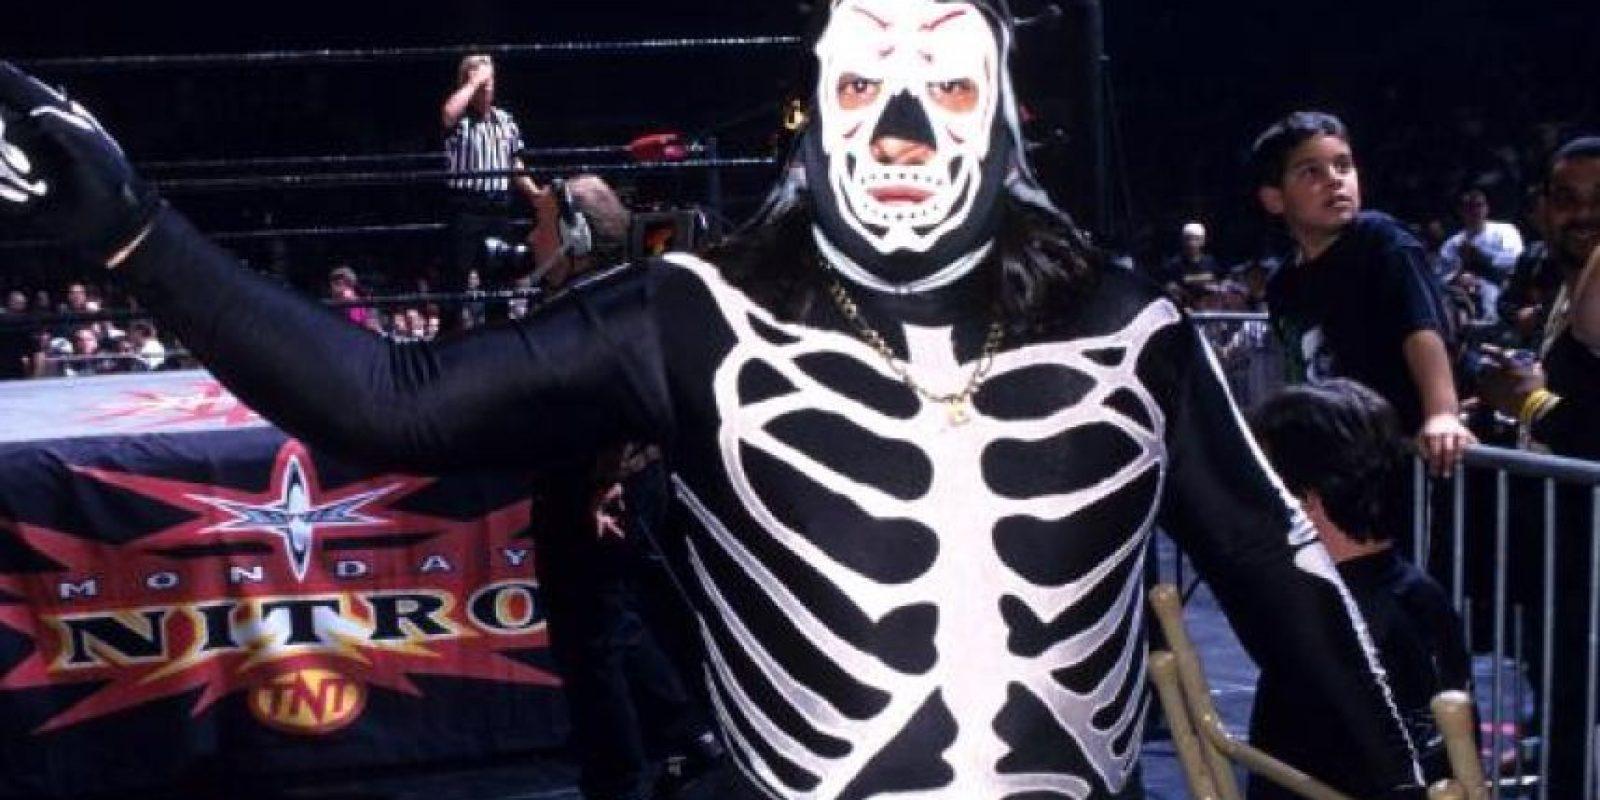 La Parka. Su carisma ha trascendido las fronteras aztecas Foto:WWE